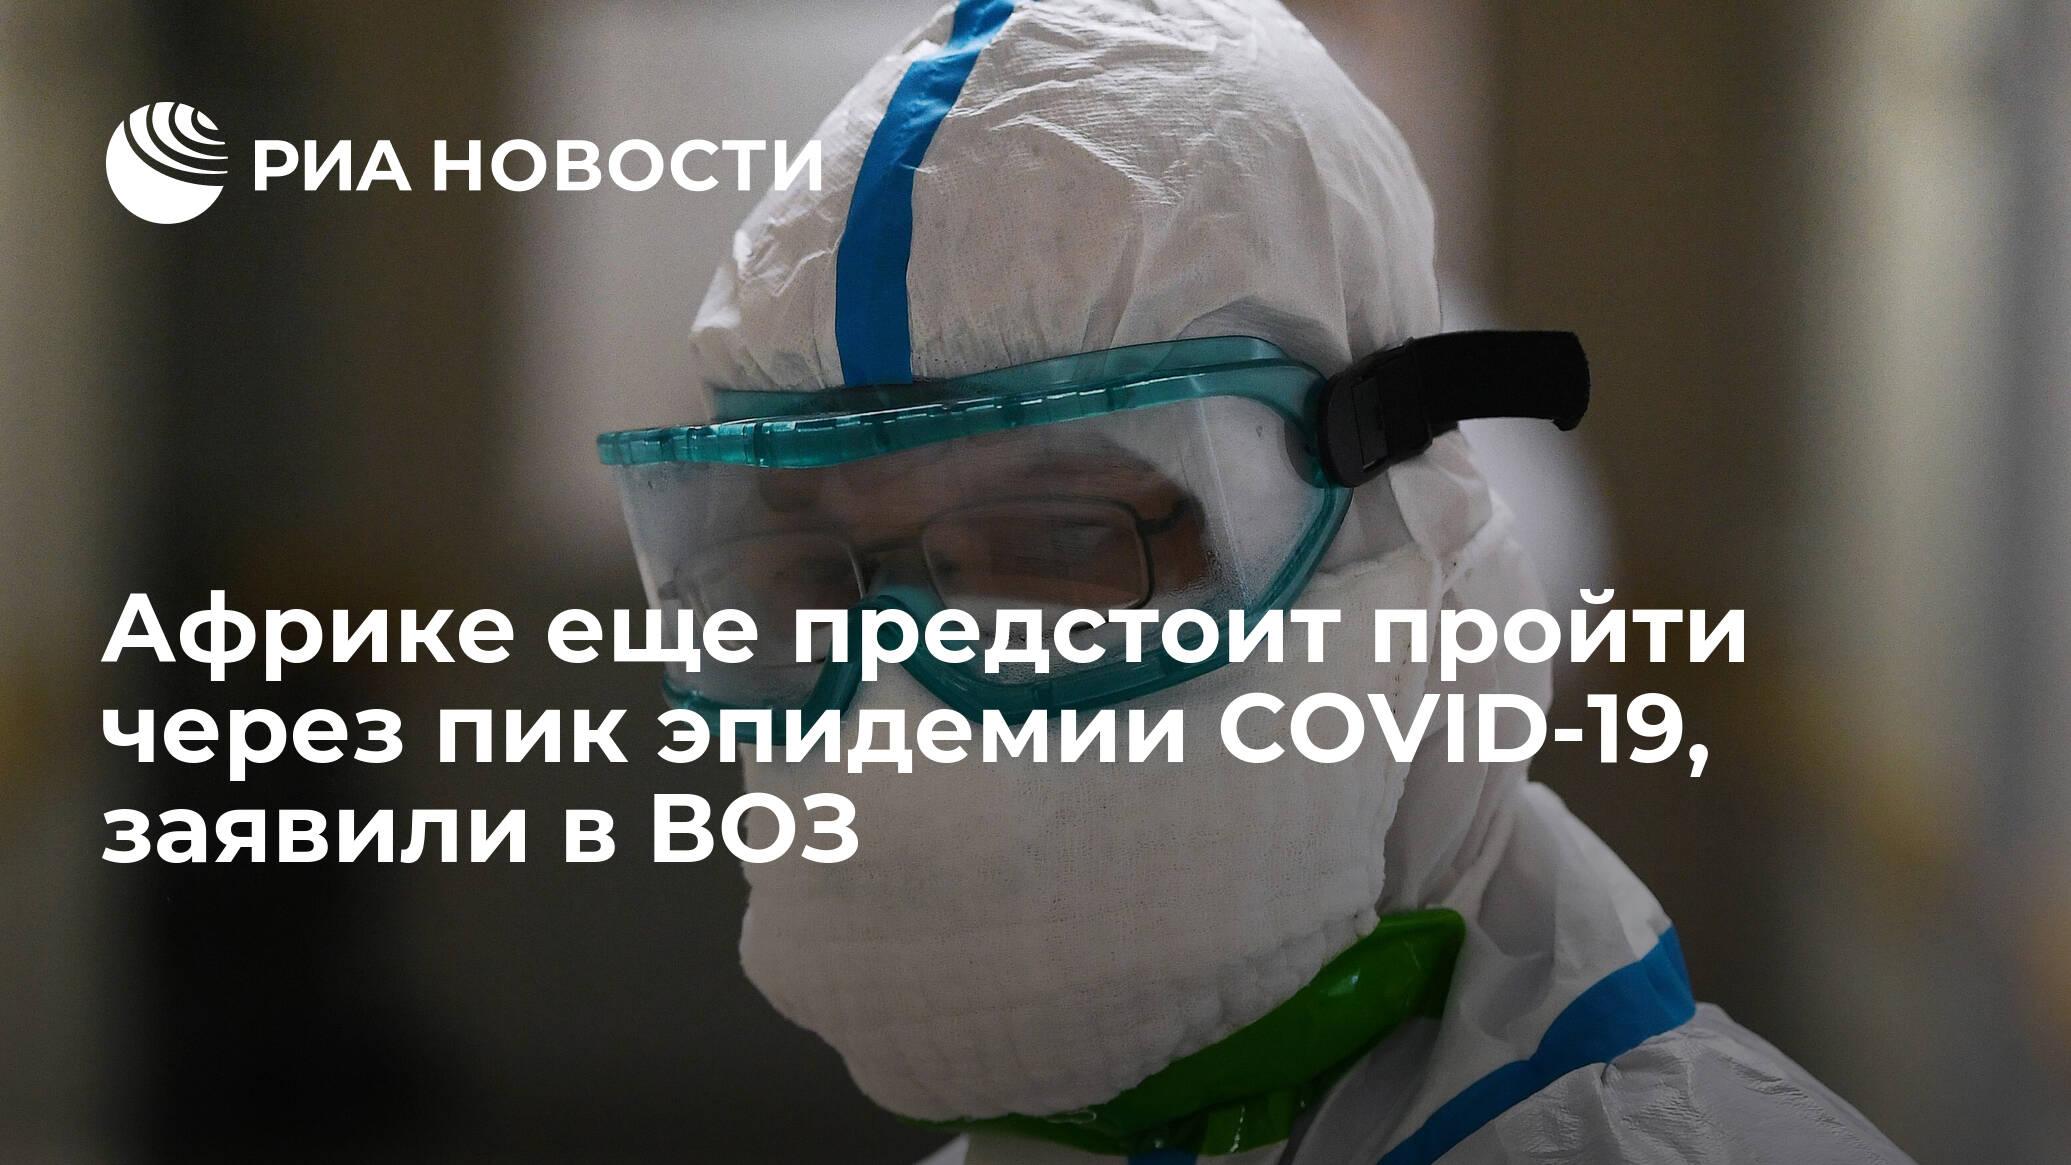 https://ria.ru/20200526/1572001277.html